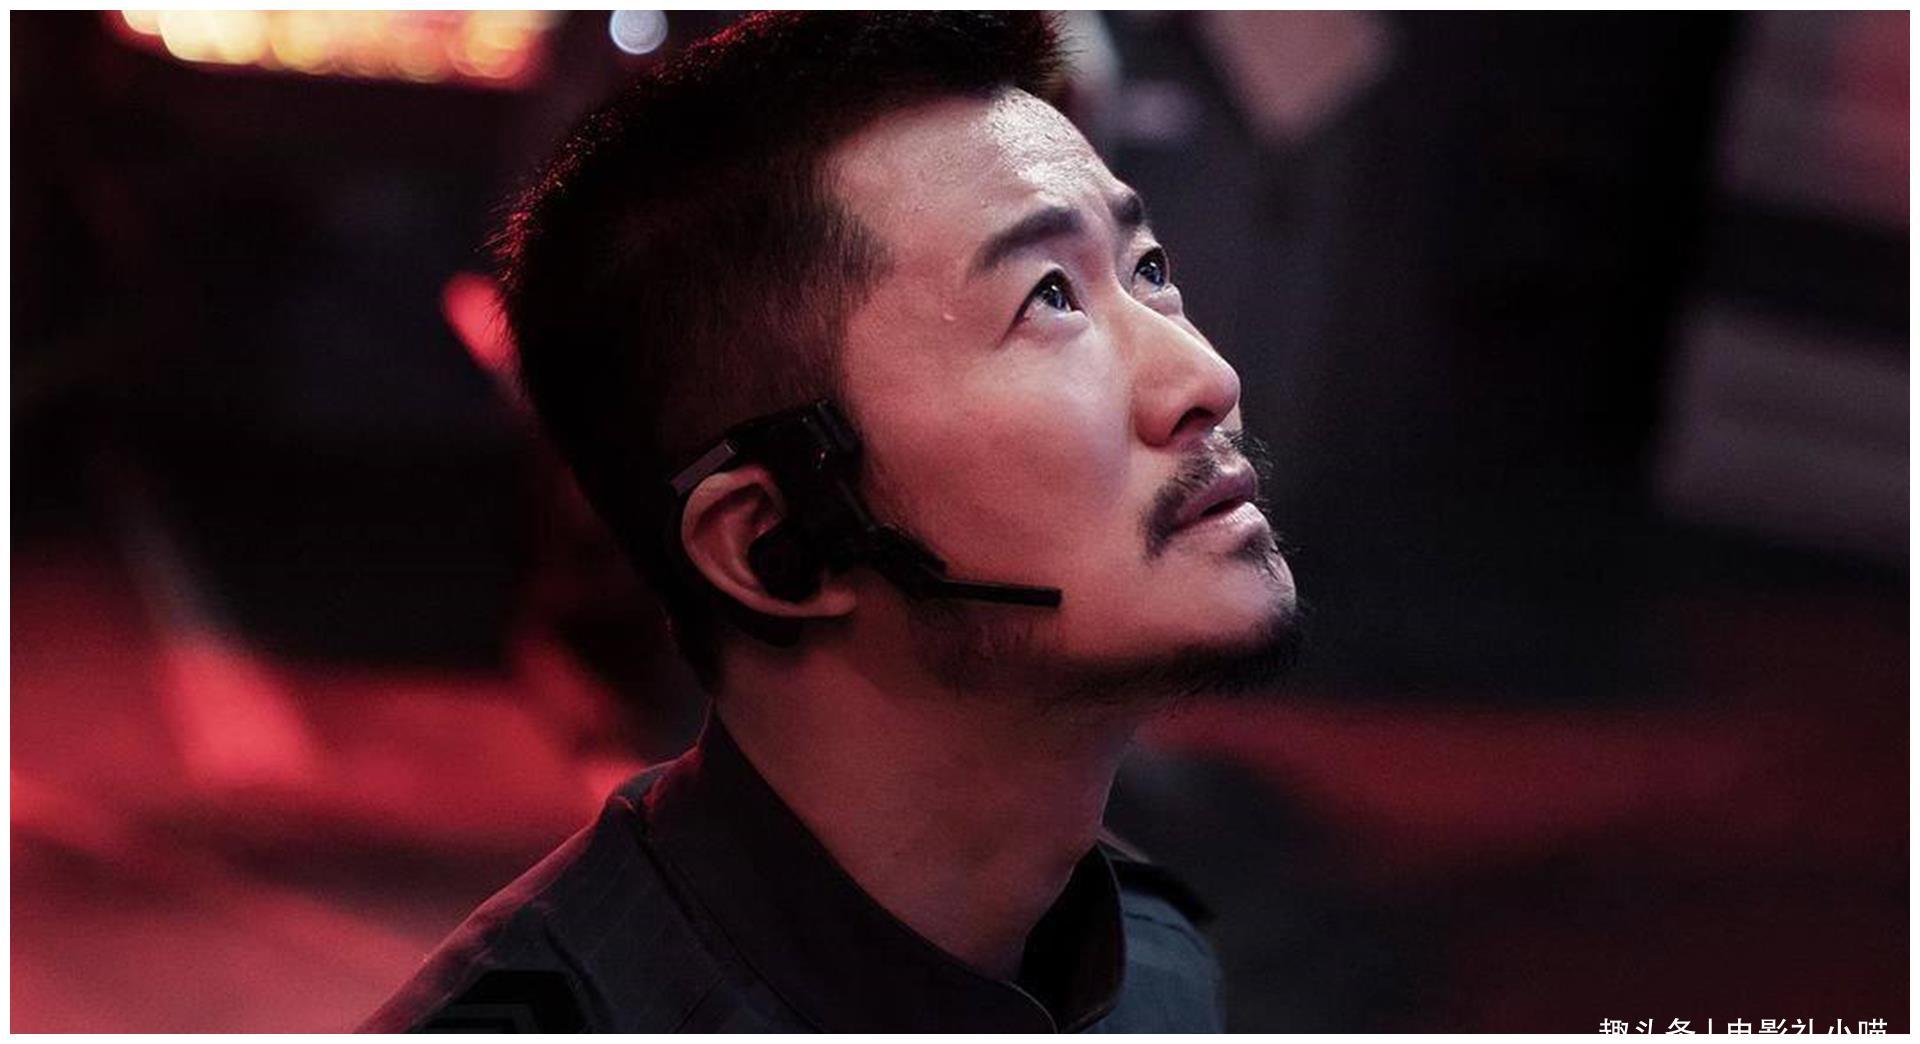 《流浪地球2》吴京宣布自己进组拍摄,可刘培强怎么复活的呢?